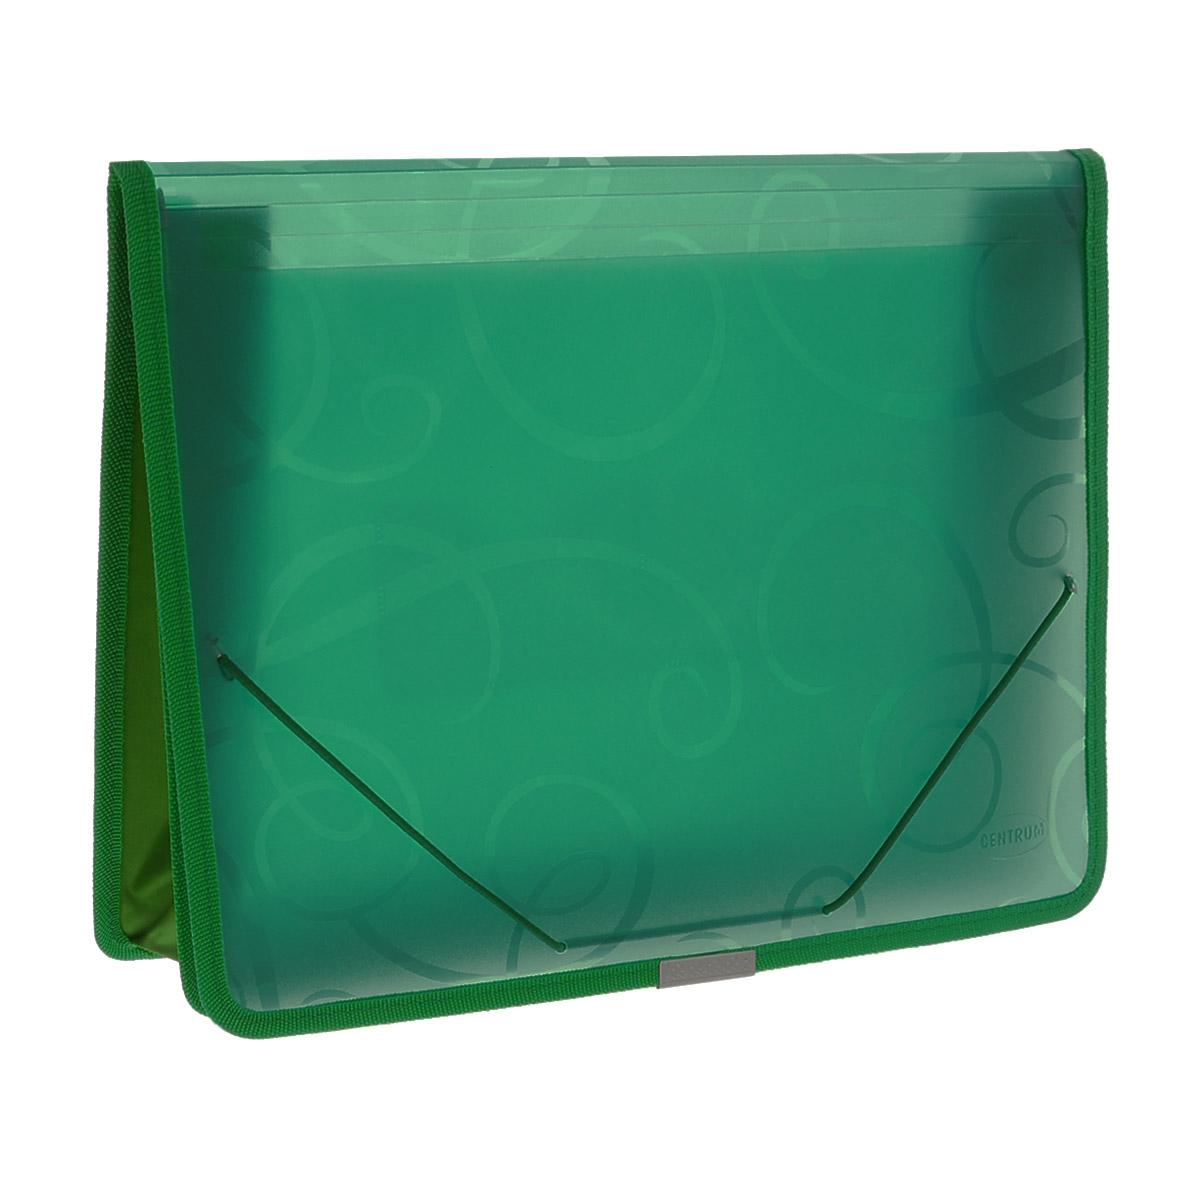 Папка на резинке Centrum, цвет: зеленый, формат А4. 8080280802_зеленыйПапка на резинке Centrum станет вашим верным помощником дома и в офисе. Это удобный и функциональный инструмент, предназначенный для хранения и транспортировки больших объемов рабочих бумаг и документов формата А4.Папка изготовлена из износостойкого высококачественного пластика. Состоит из одного вместительного отделения и дополнена 2 накладными кармашками. Грани папки отделаны полиэстером и металлическим лейблом для дополнительной прочности и сохранности опрятного вида папки.Папка - это незаменимый атрибут для любого студента, школьника или офисного работника. Такая папка надежно сохранит ваши бумаги и сбережет их от повреждений, пыли и влаги.